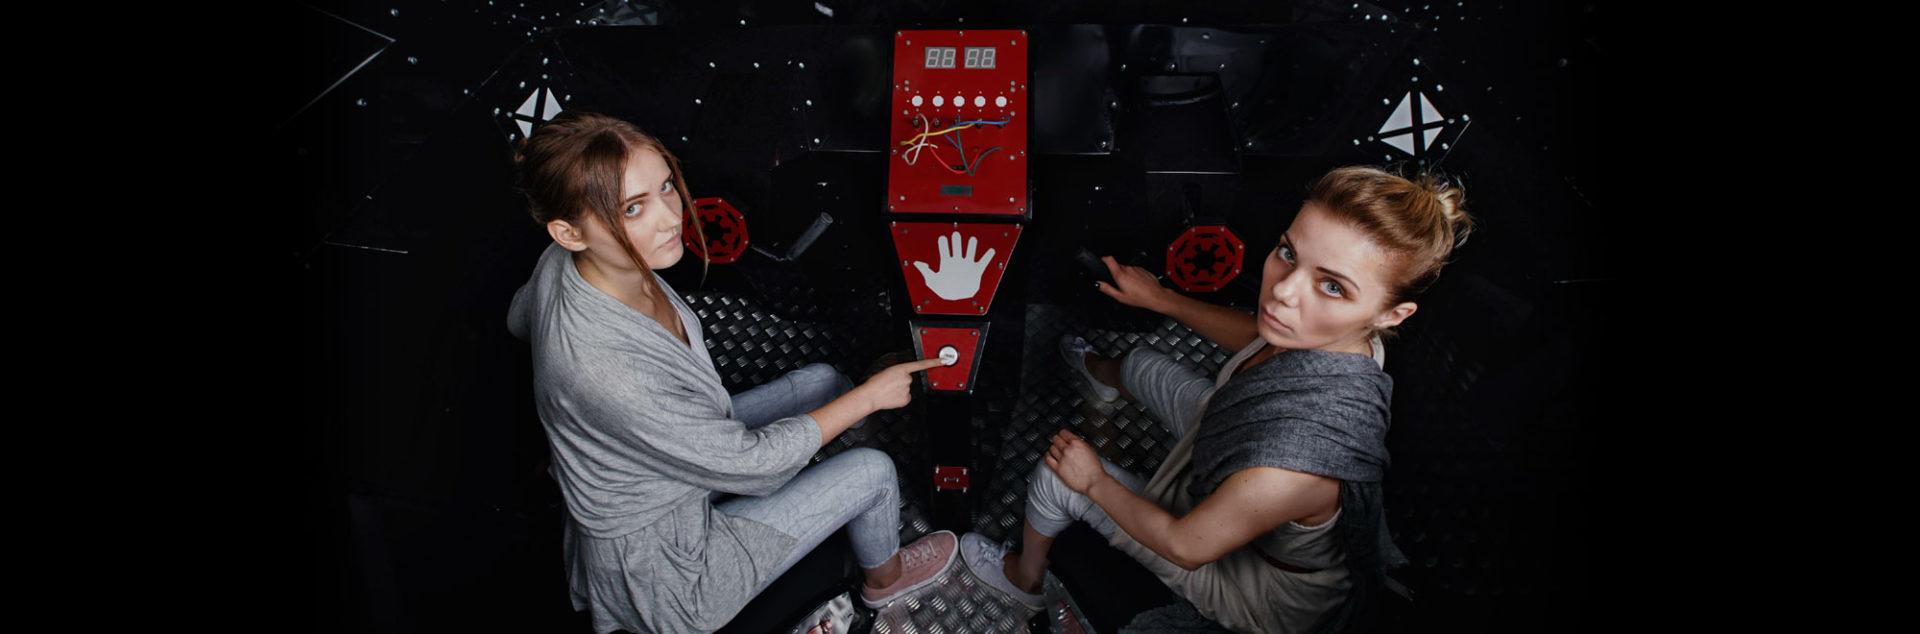 Квест комната Звездные войны - кабина фото